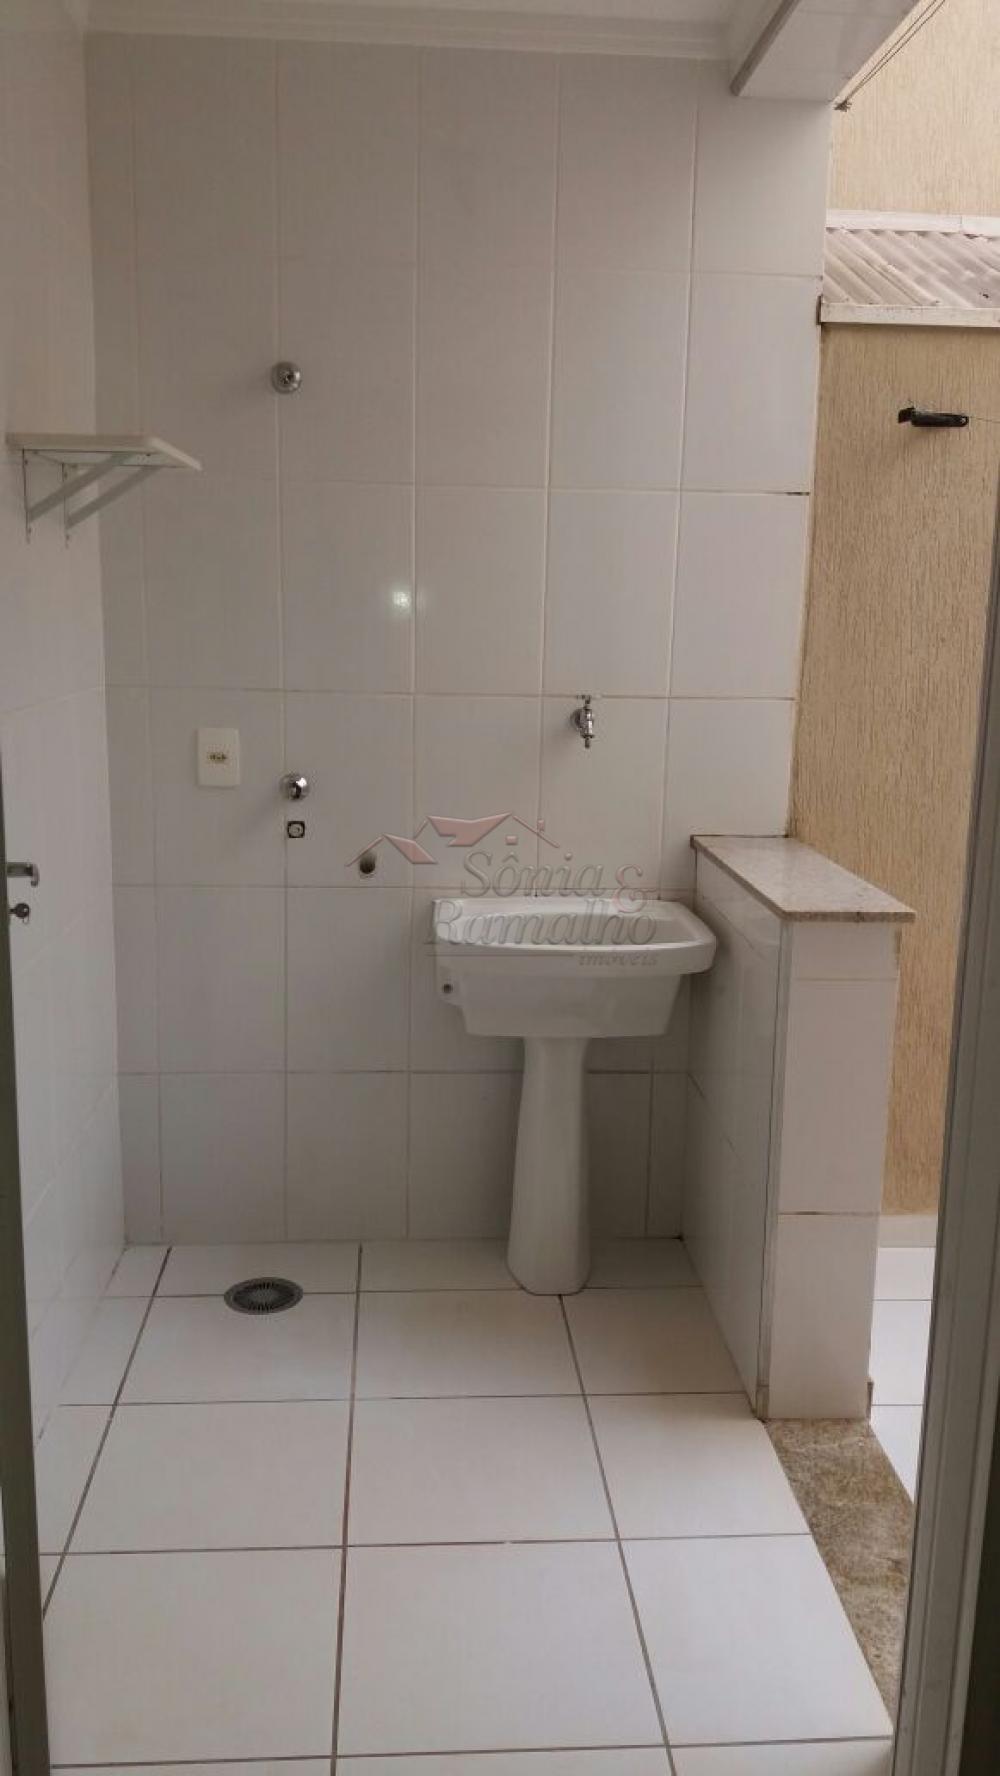 Alugar Apartamentos / Padrão em Ribeirão Preto apenas R$ 1.000,00 - Foto 8